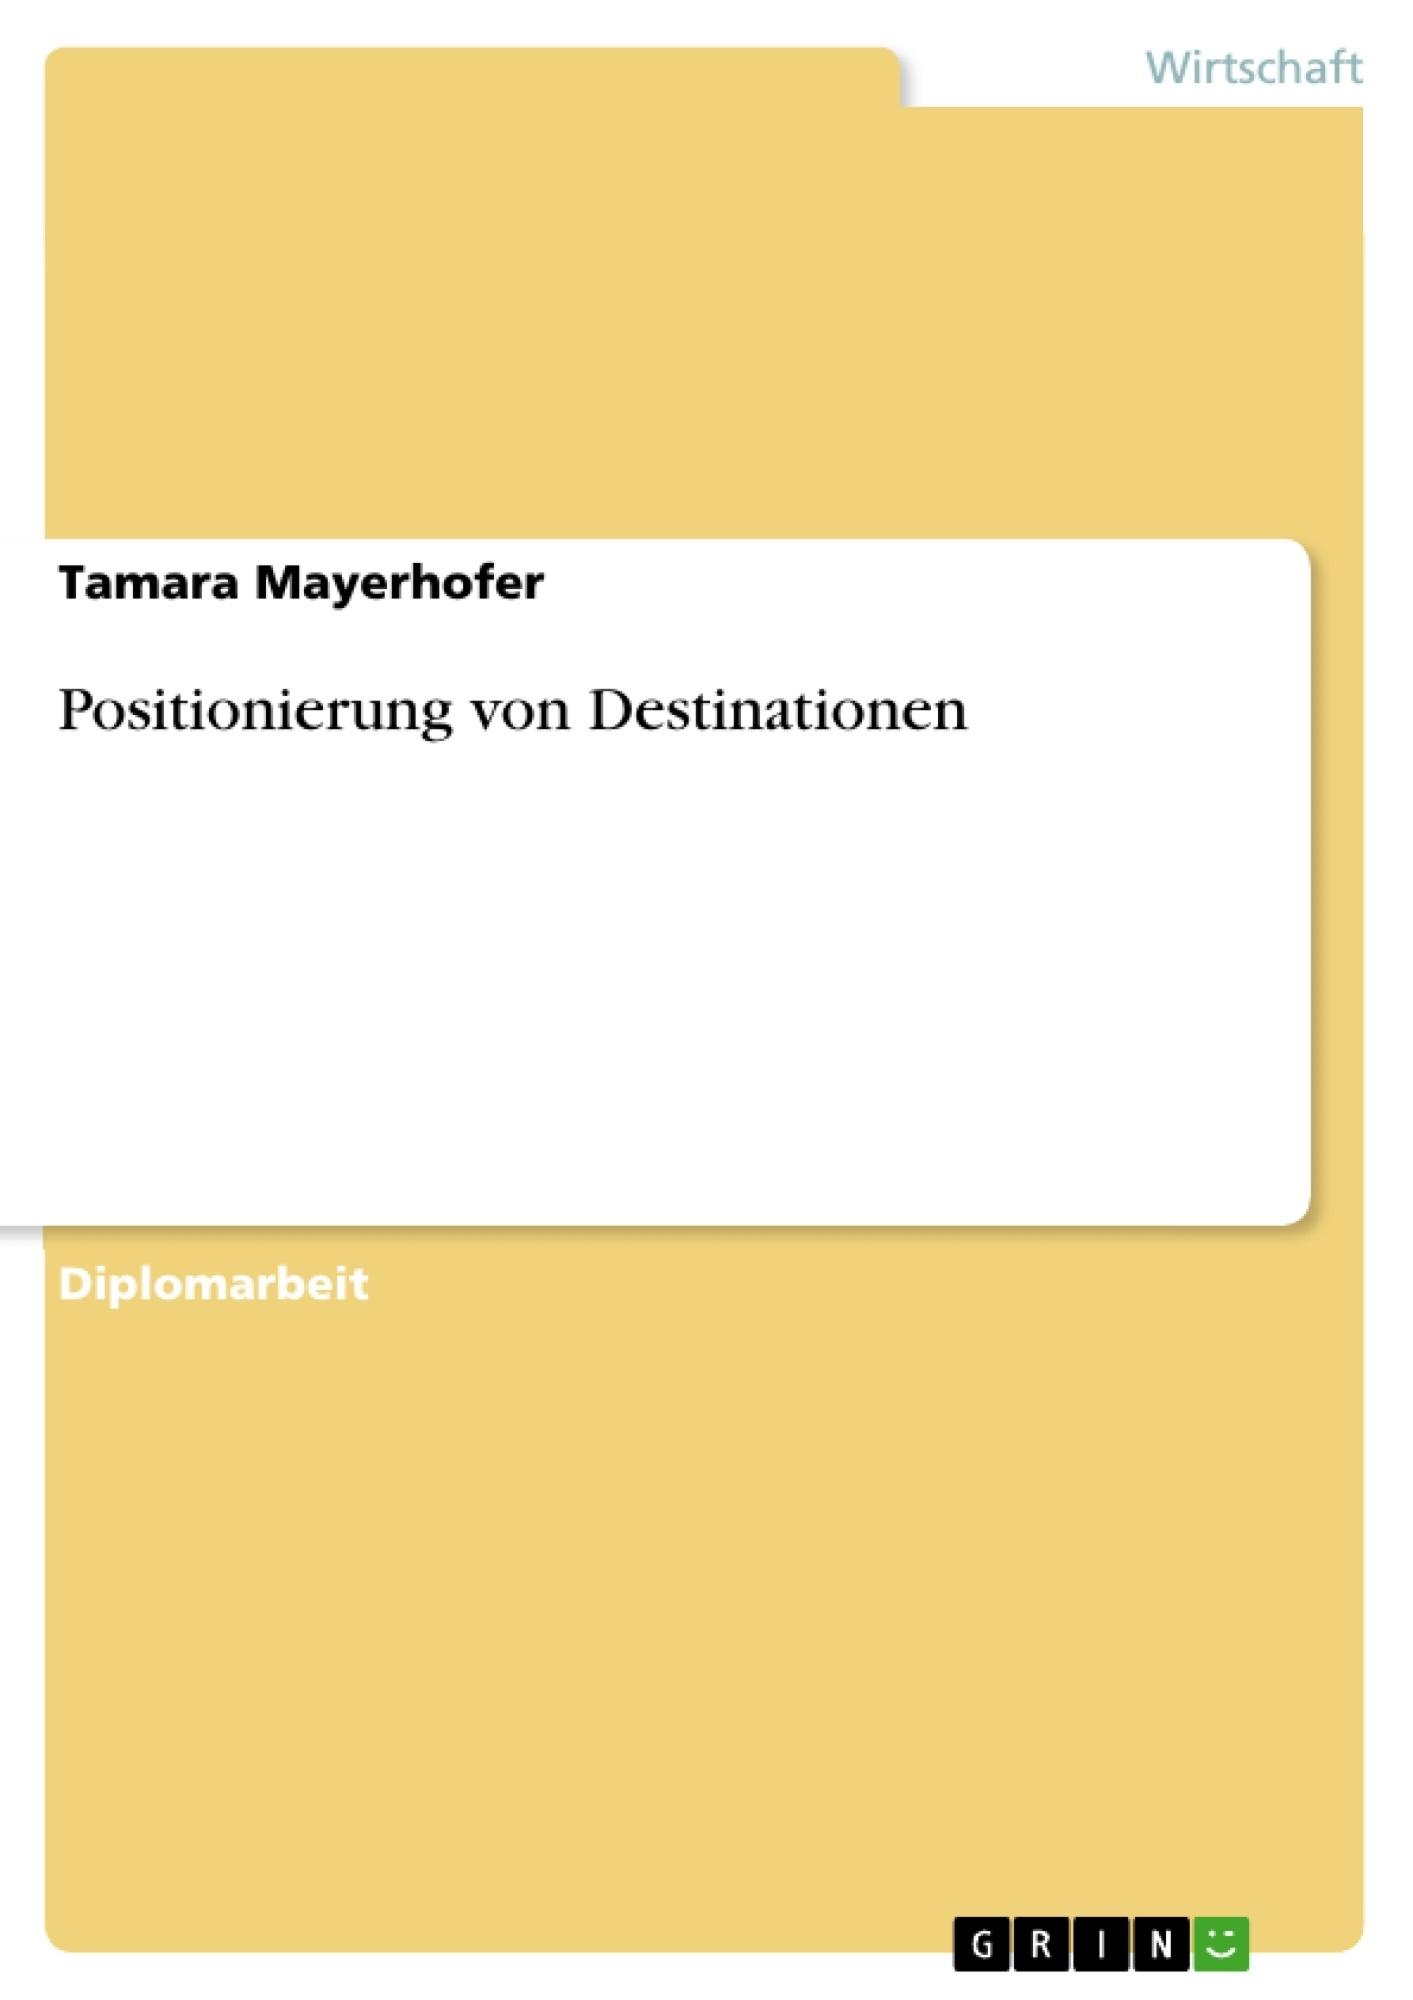 Positionierung von Destinationen | Masterarbeit, Hausarbeit ...